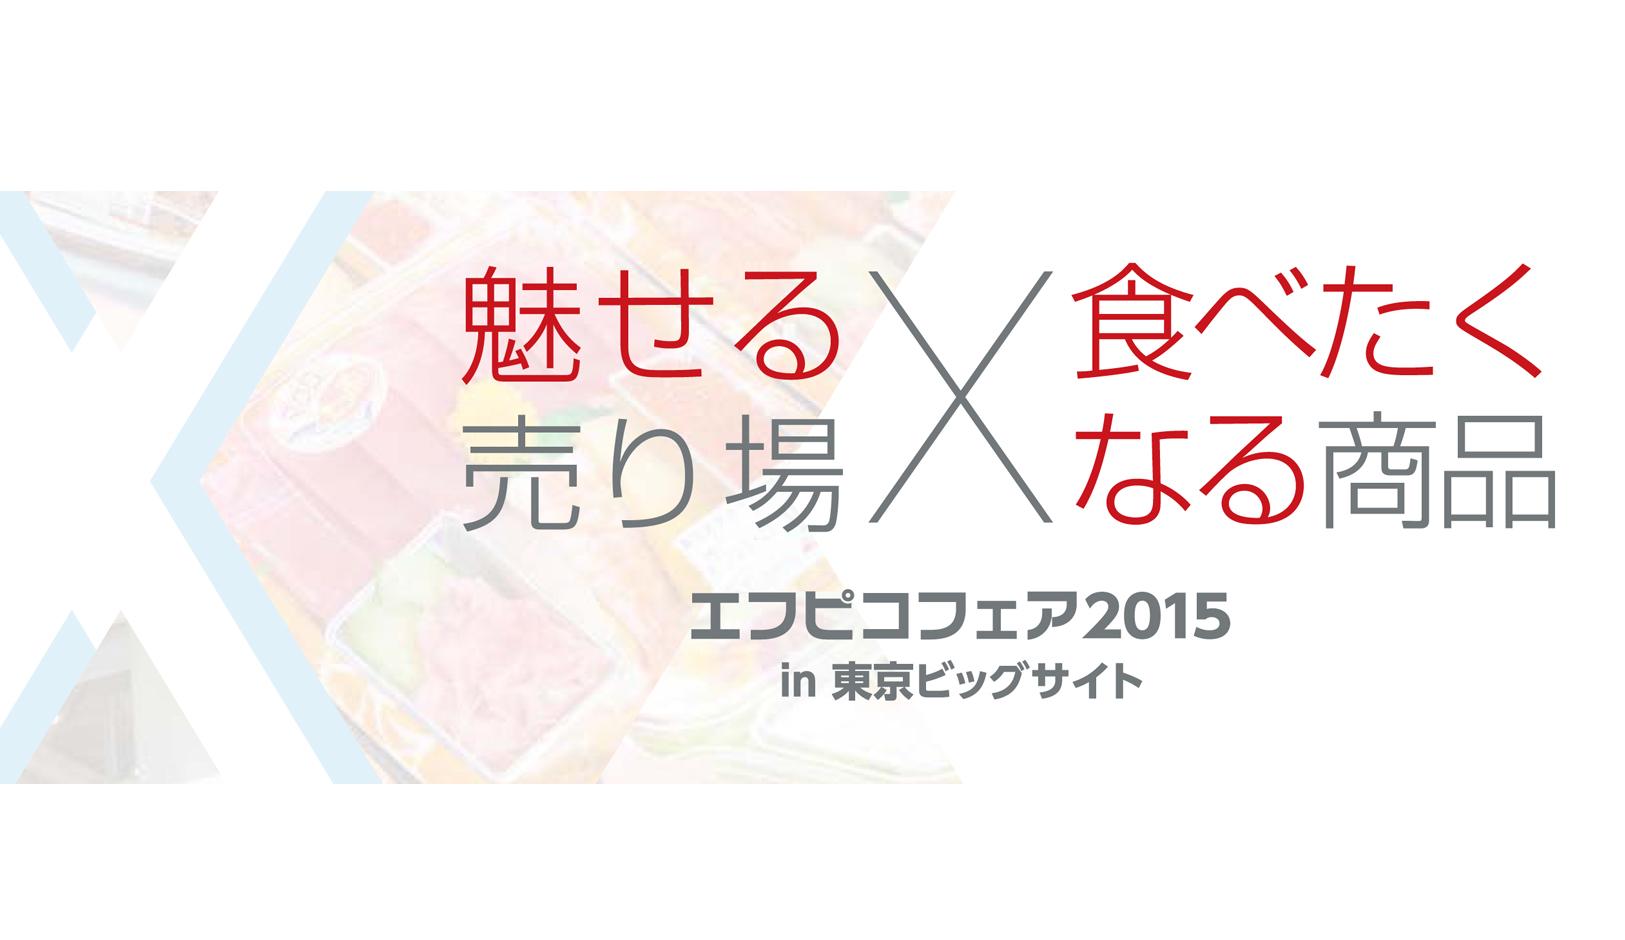 エフピコフェア2015ダイジェストを公開しました。